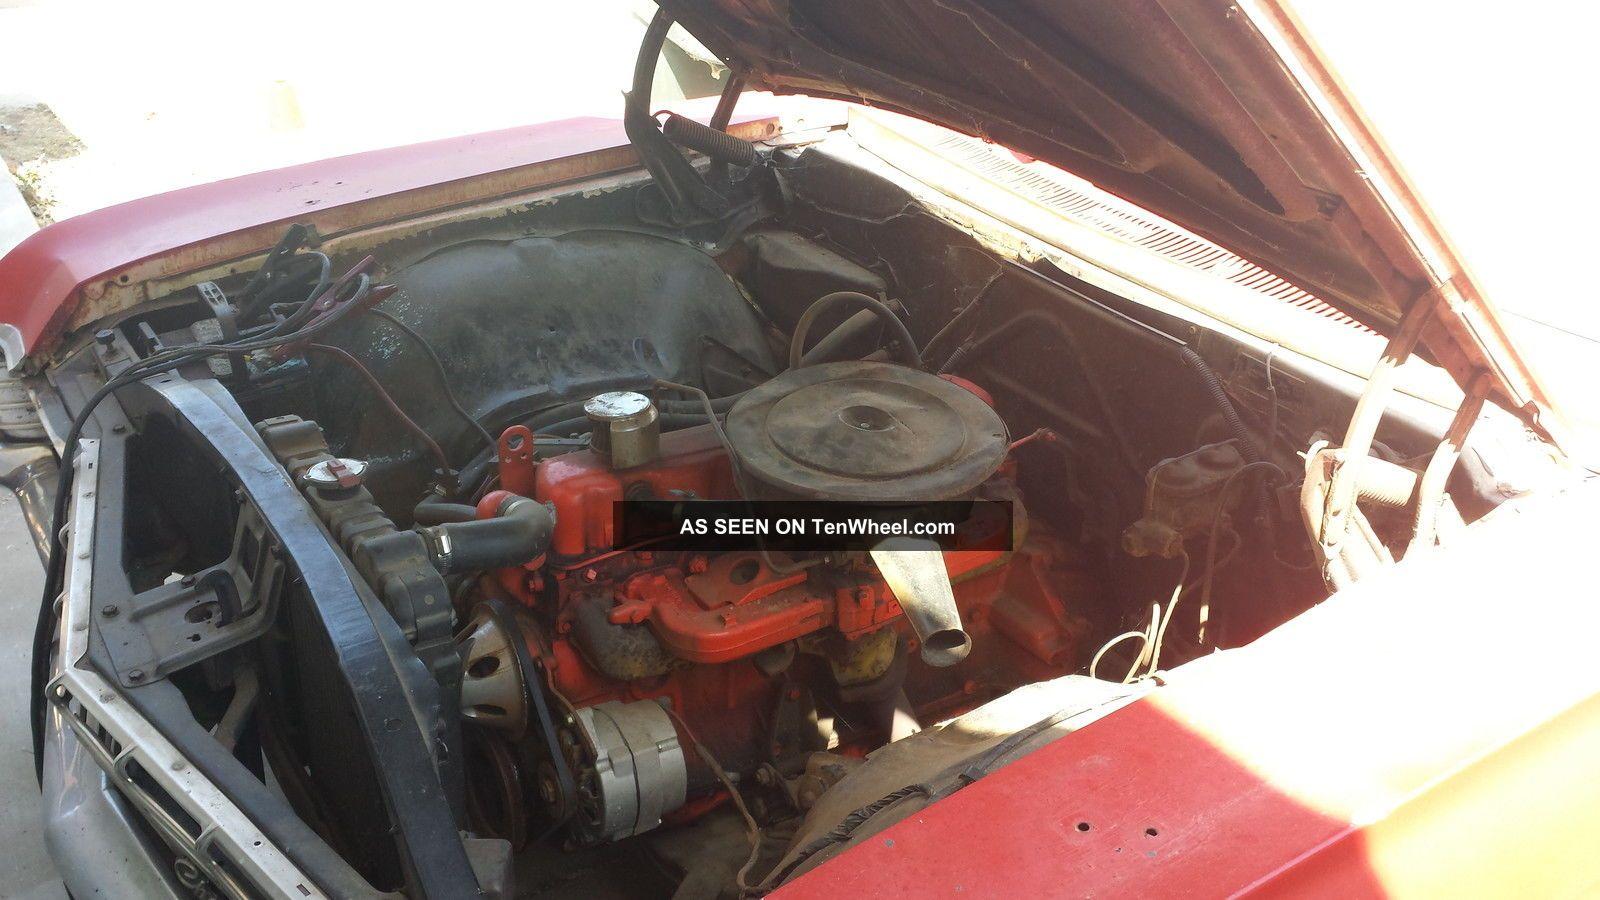 1967 Chey Chevrolet Bel Air 2 Door Hardtop Chop Top Convertible Bel Air/150/210 photo